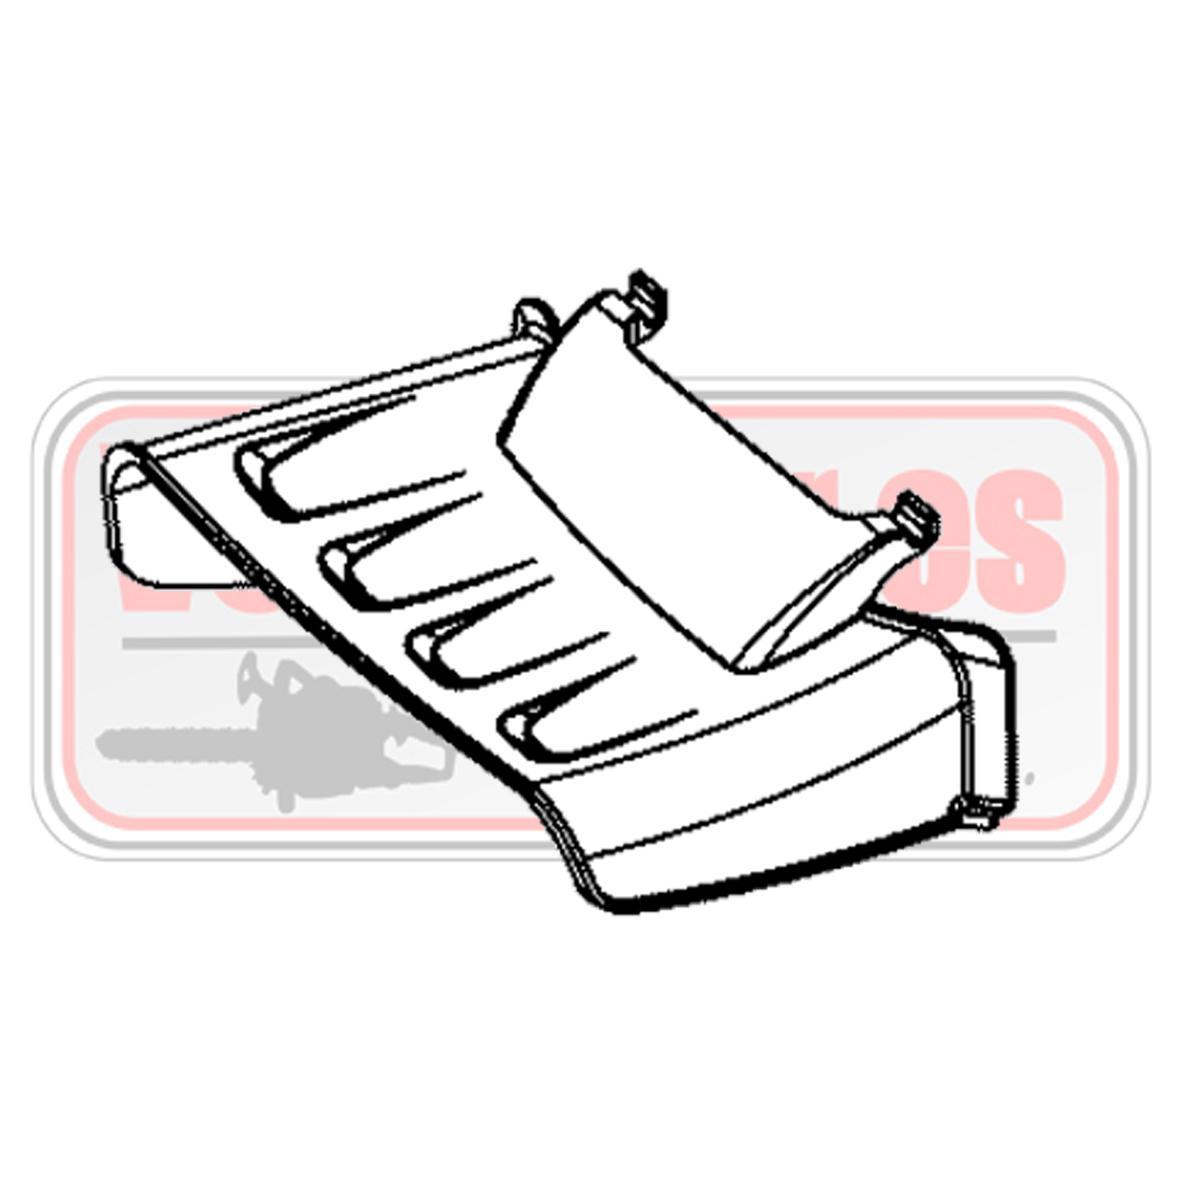 Deflector salida lateral cortacesped Oleo Mac G 53 tk